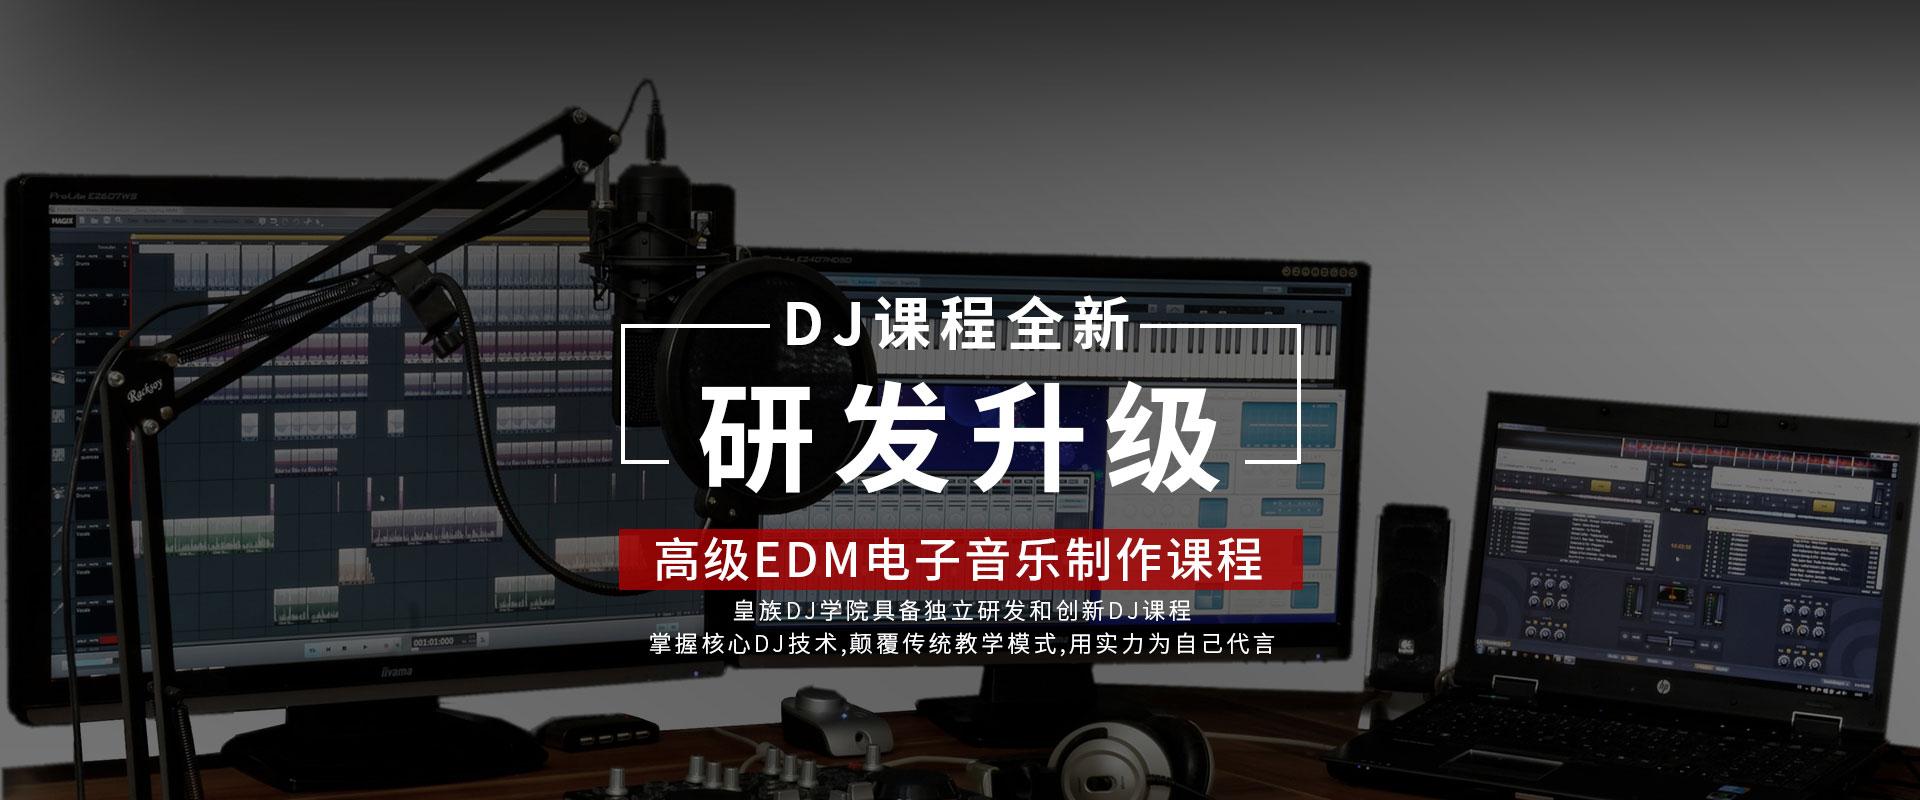 皇族DJ培训学校 DJ课程 MC课程 舞曲制作课程 搓盘课程